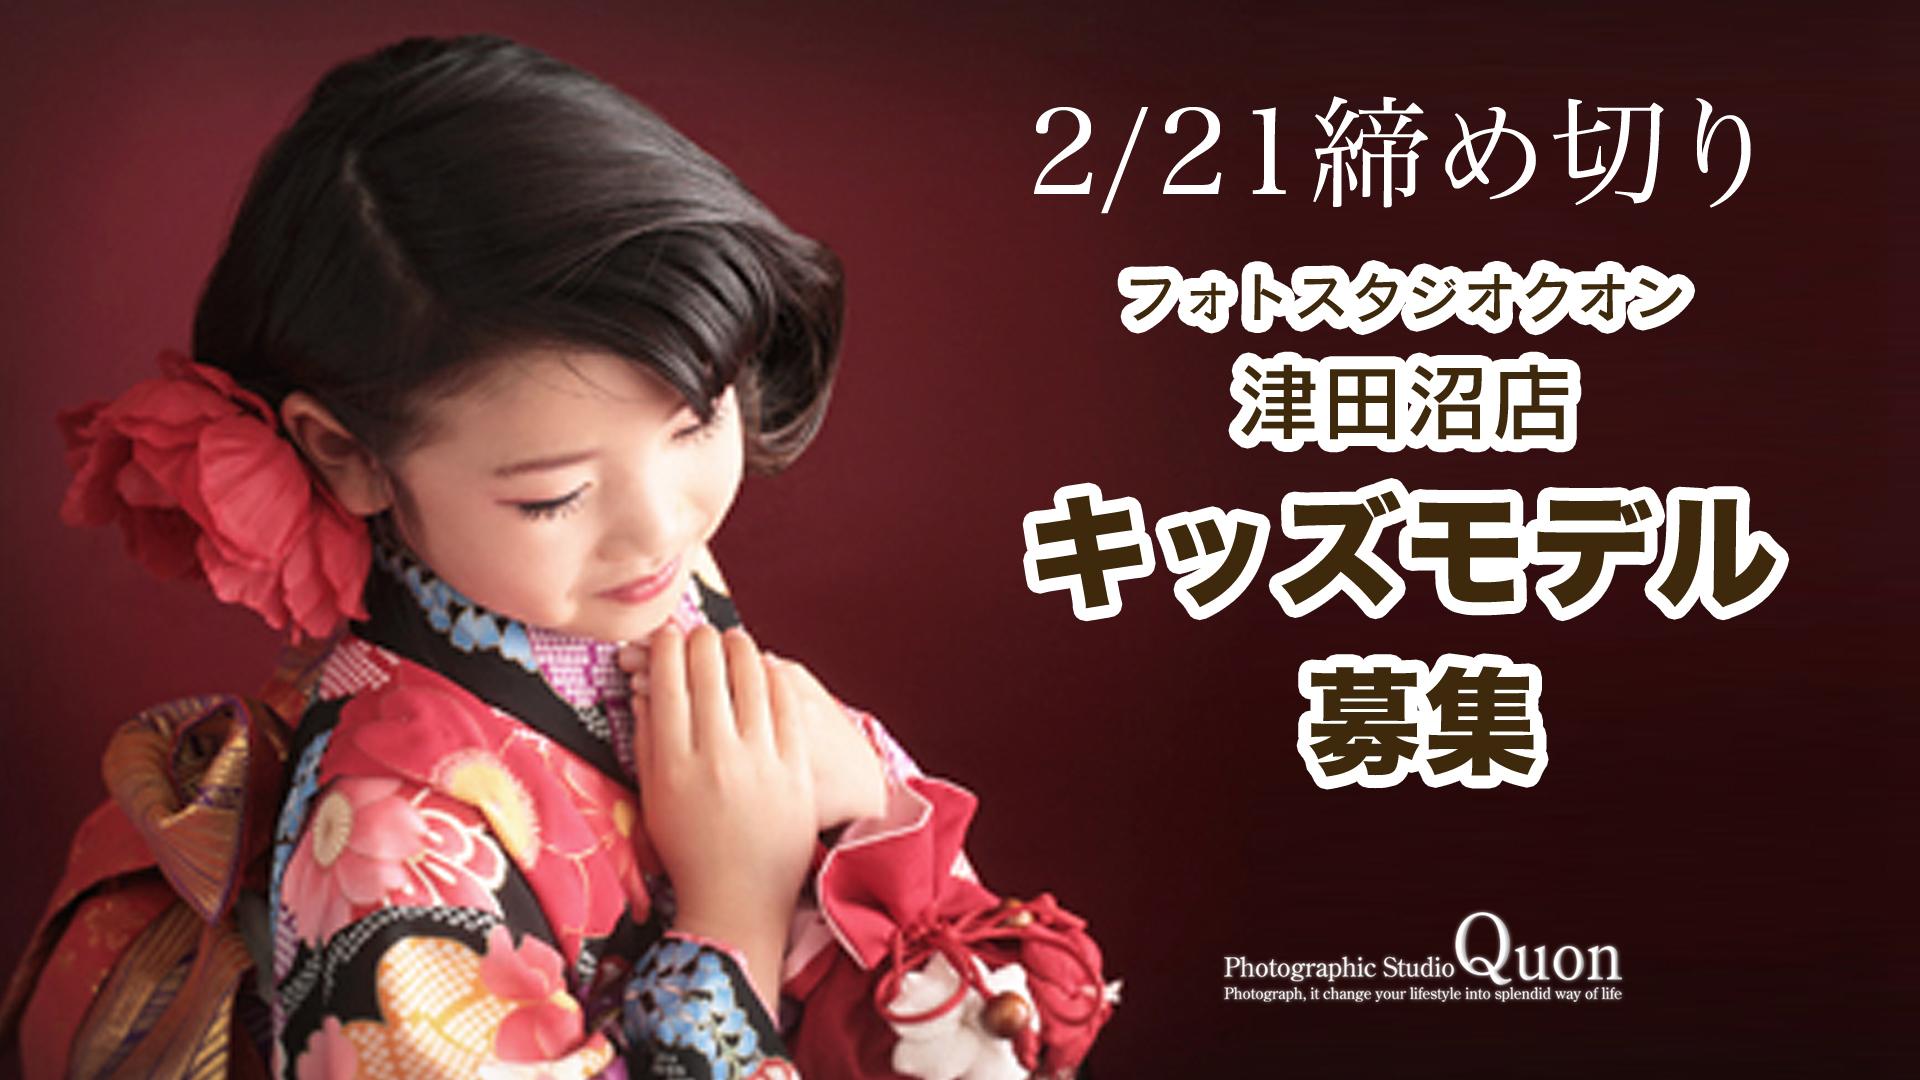 2/21締め切り!フォトスタジオクオン キッズモデル募集